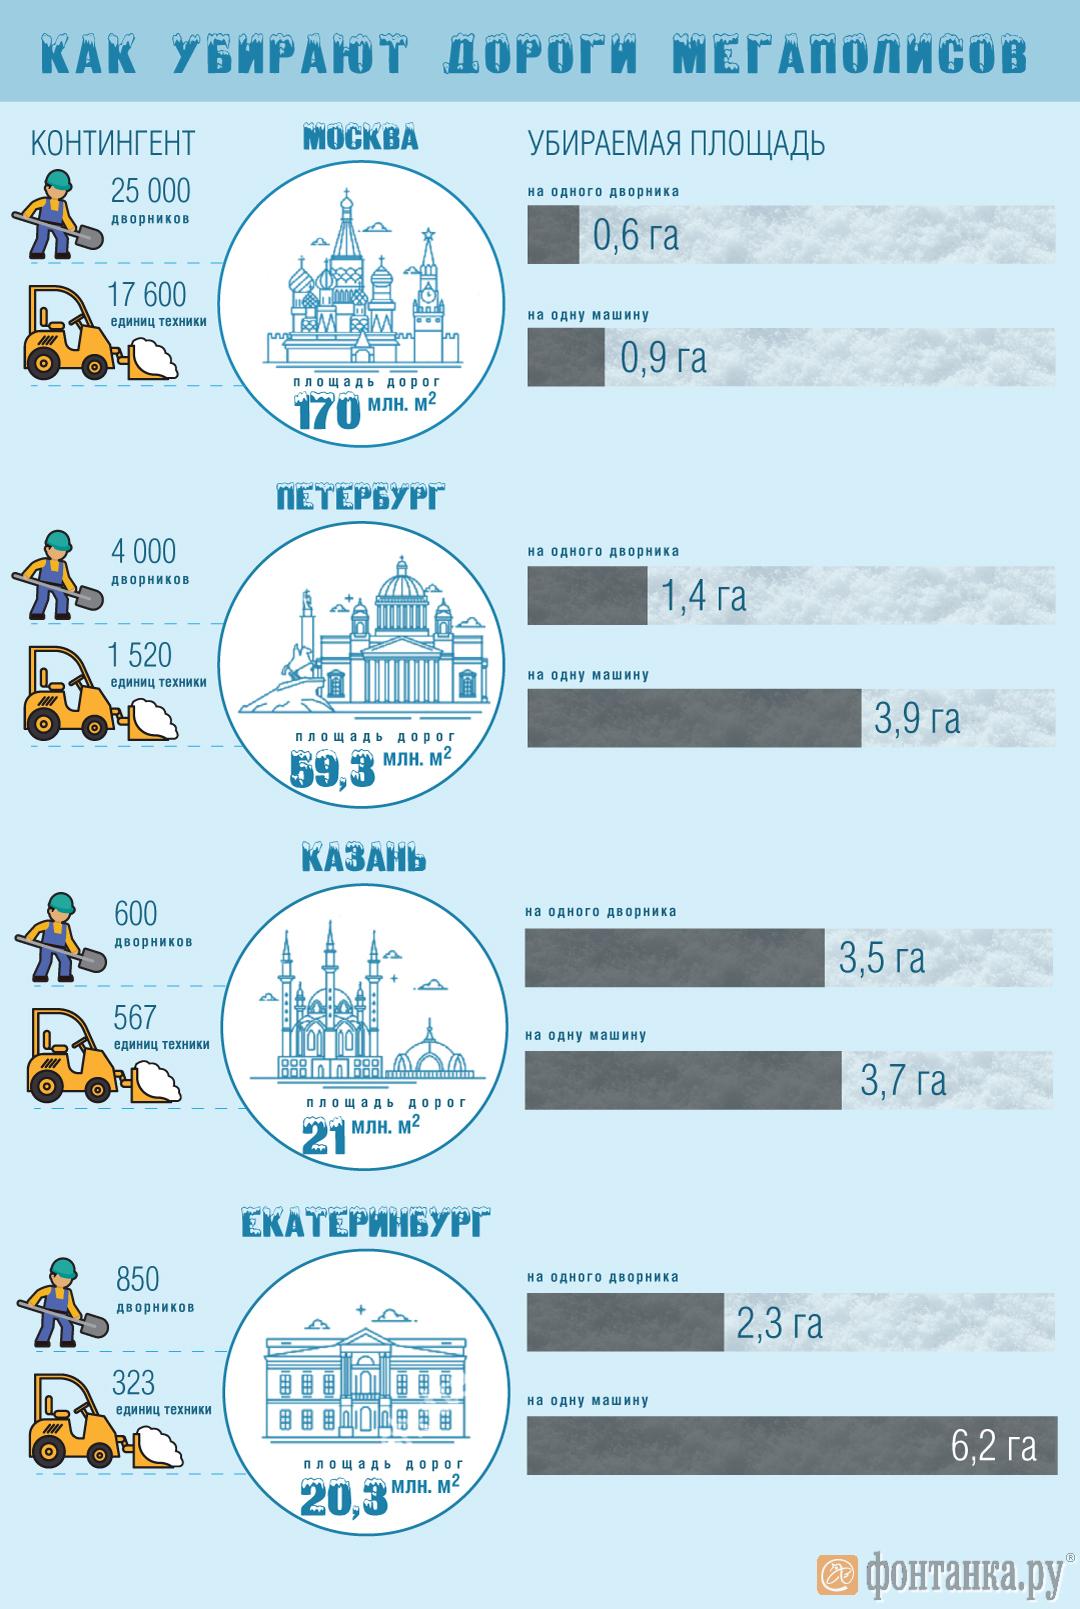 Вдвое больше людей и в 4 раза больше техники: как Петербургу догнать Москву по уборке снега (Иллюстрация 2 из 2)